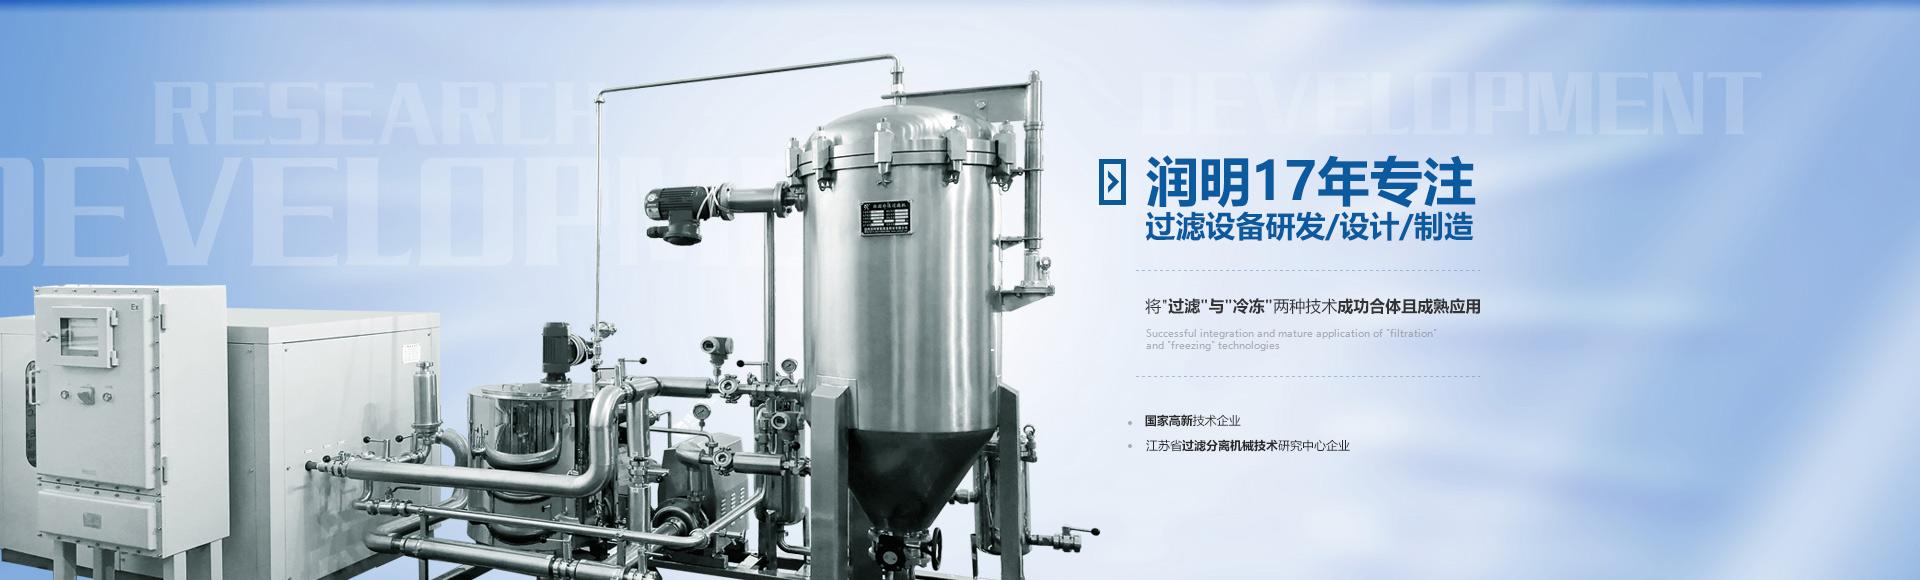 润明17年专注过滤设备研发/设计/制造